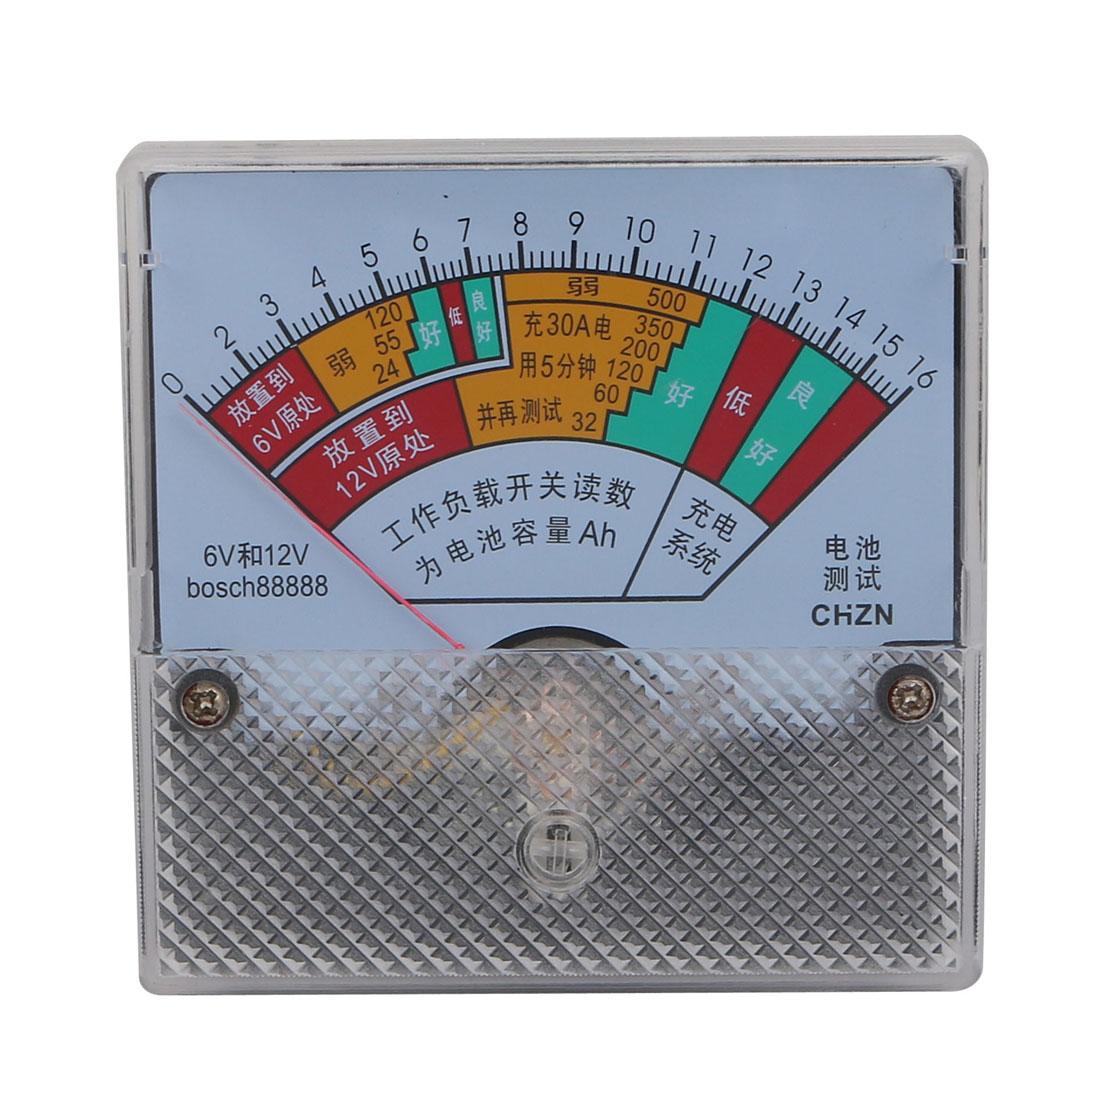 DC 6V/12V Battery Tester Module PCB Board Panel Charging Discharging Testing